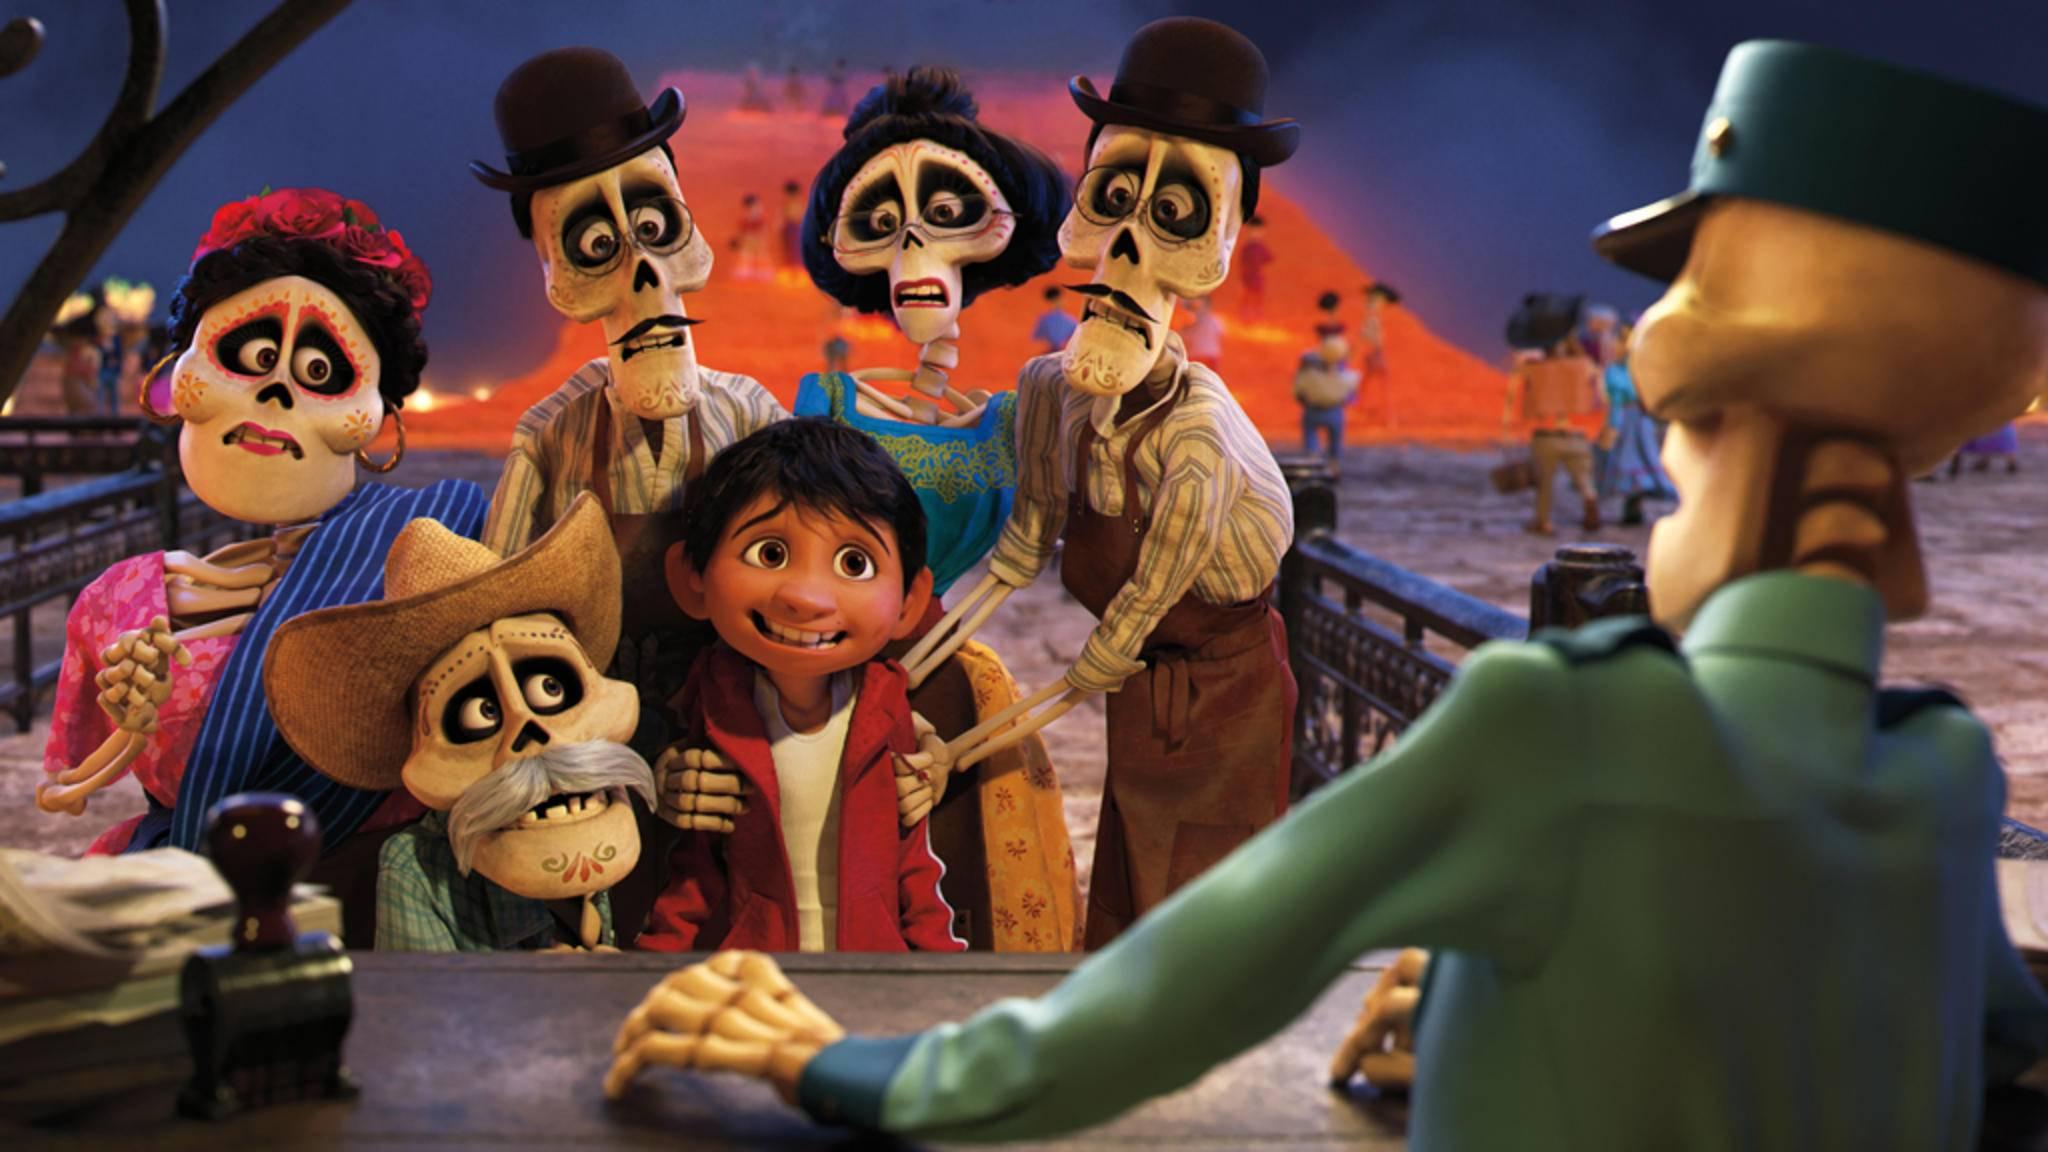 """Am 30. November startet in den deutschen Kinos das neue Animationsspektakel """"Coco"""" aus dem Hause Disney/Pixar."""